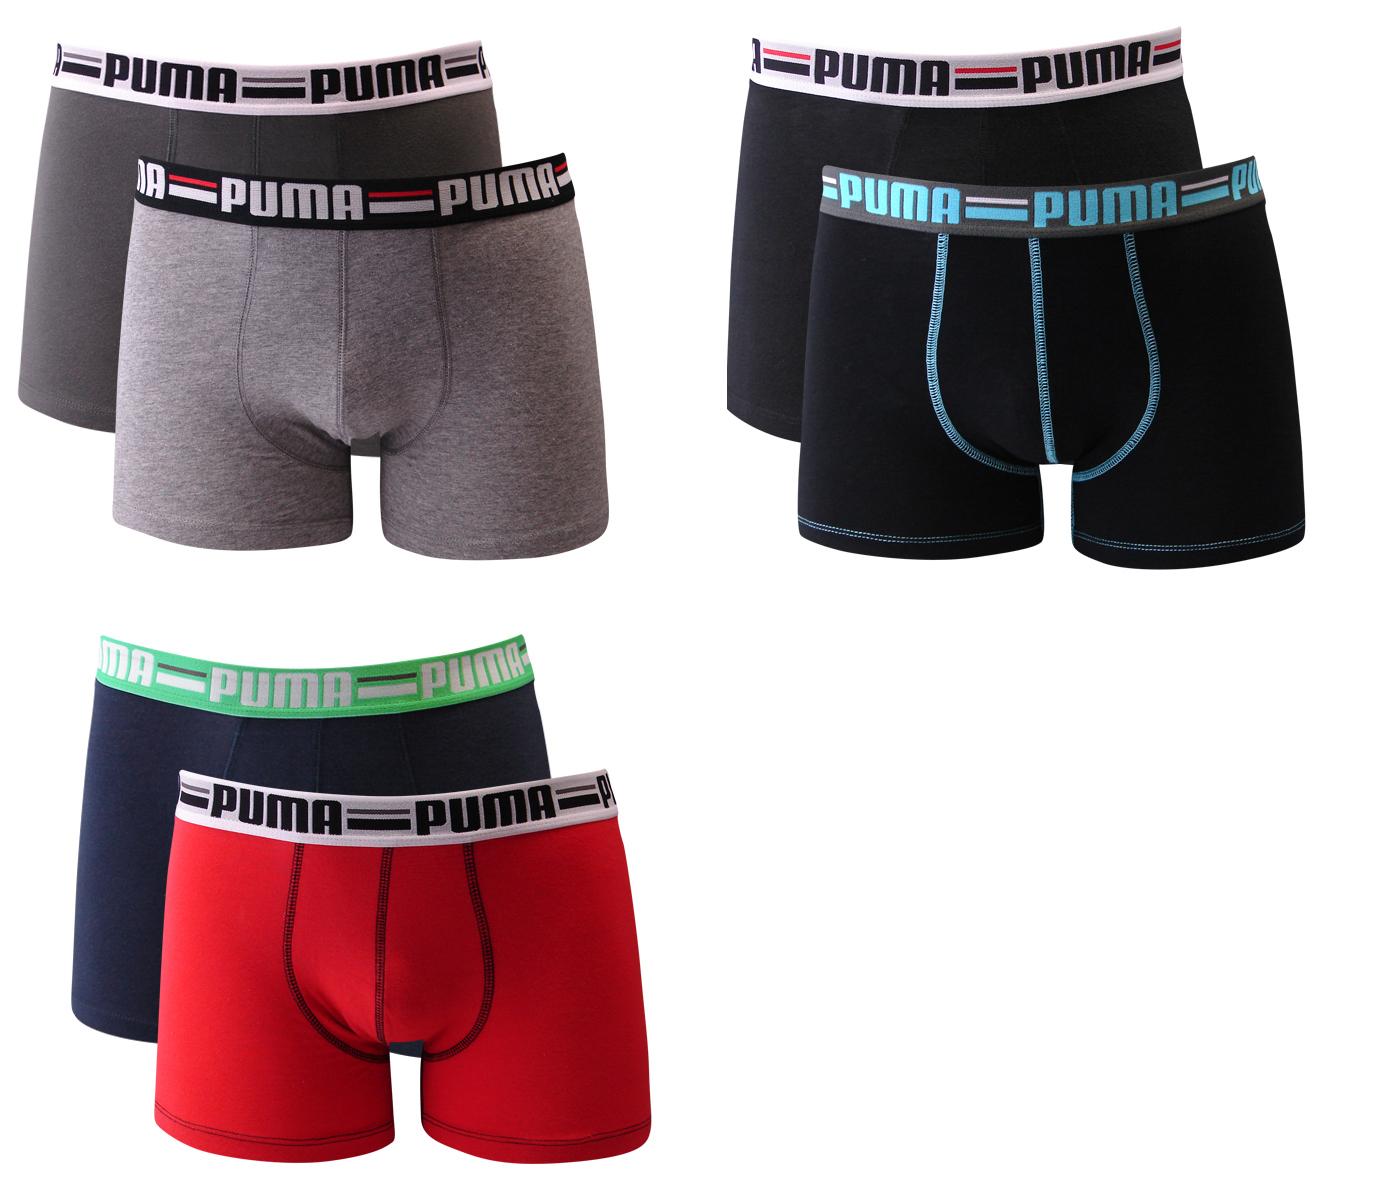 4er-Pack-Puma-Herren-Boxershorts-Brand-Gr-S-M-L-XL-Unterwaesche